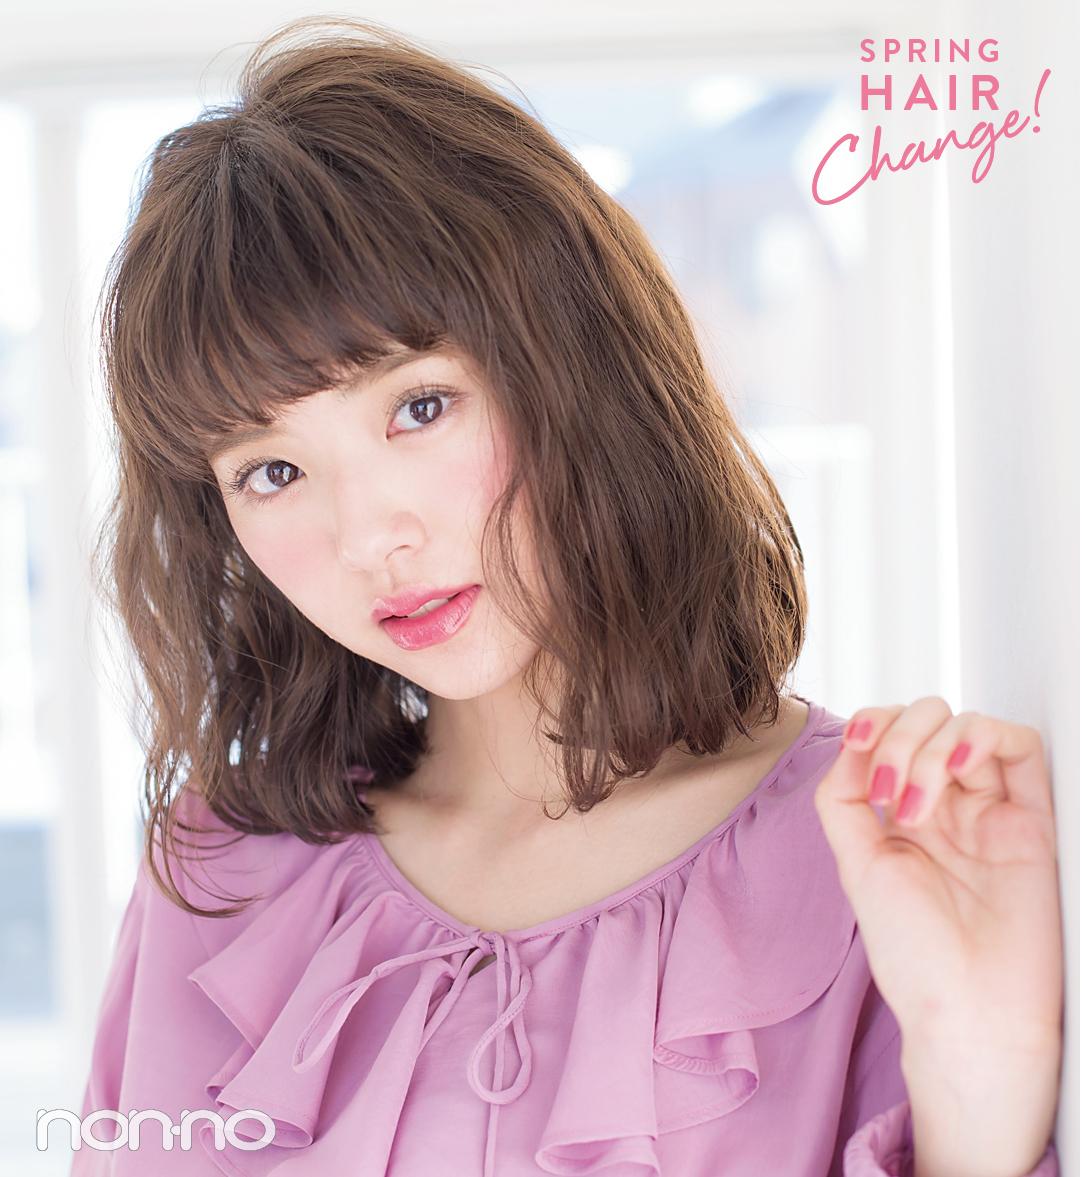 鈴木優華の春ミディアム♡ 巻き髪アレンジでウエーブ風も叶う!_1_1